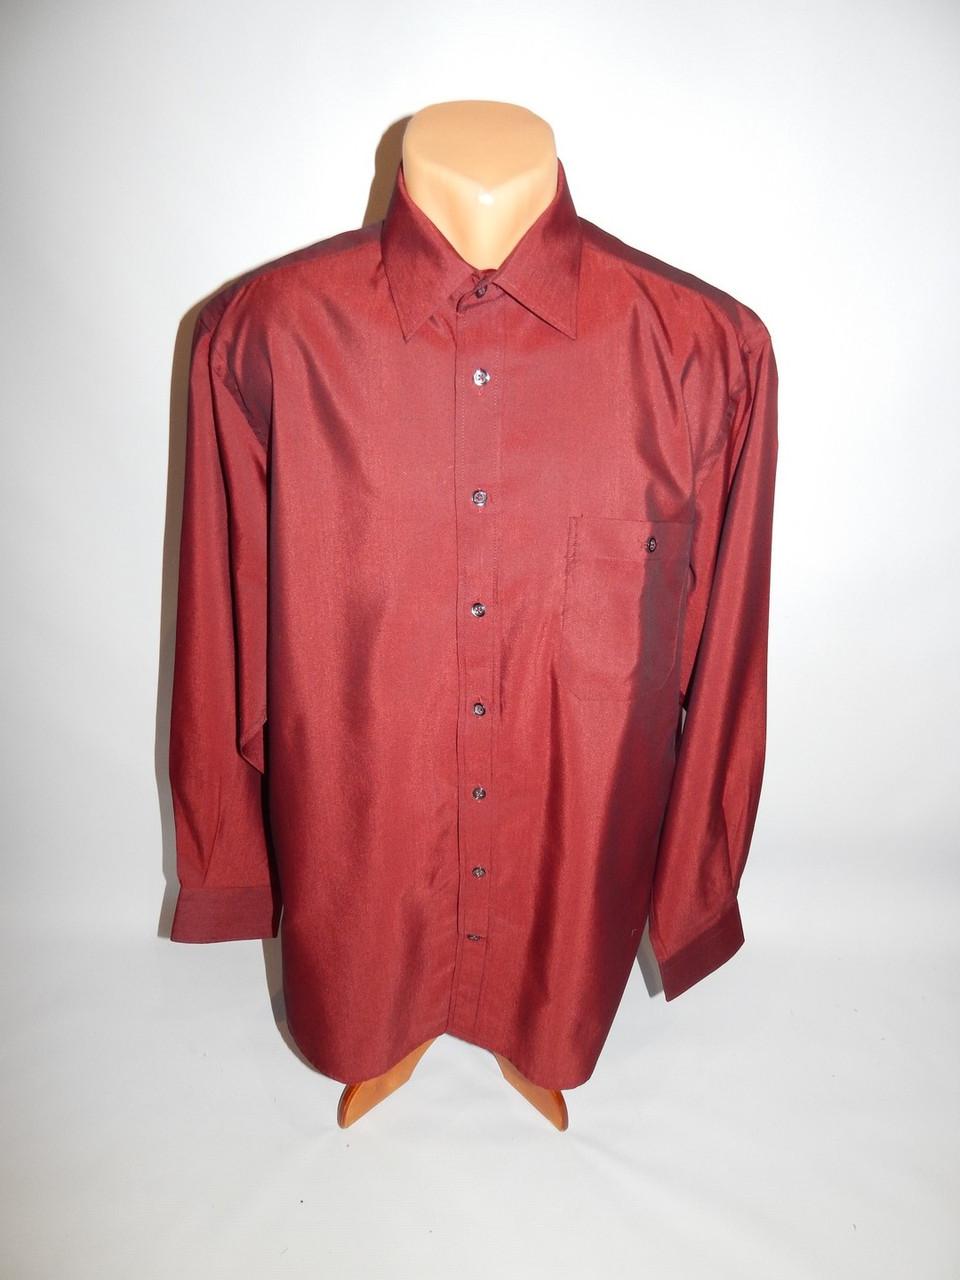 Мужская рубашка  длинным рукавом Westbury оригинал  020ДР р.48-50